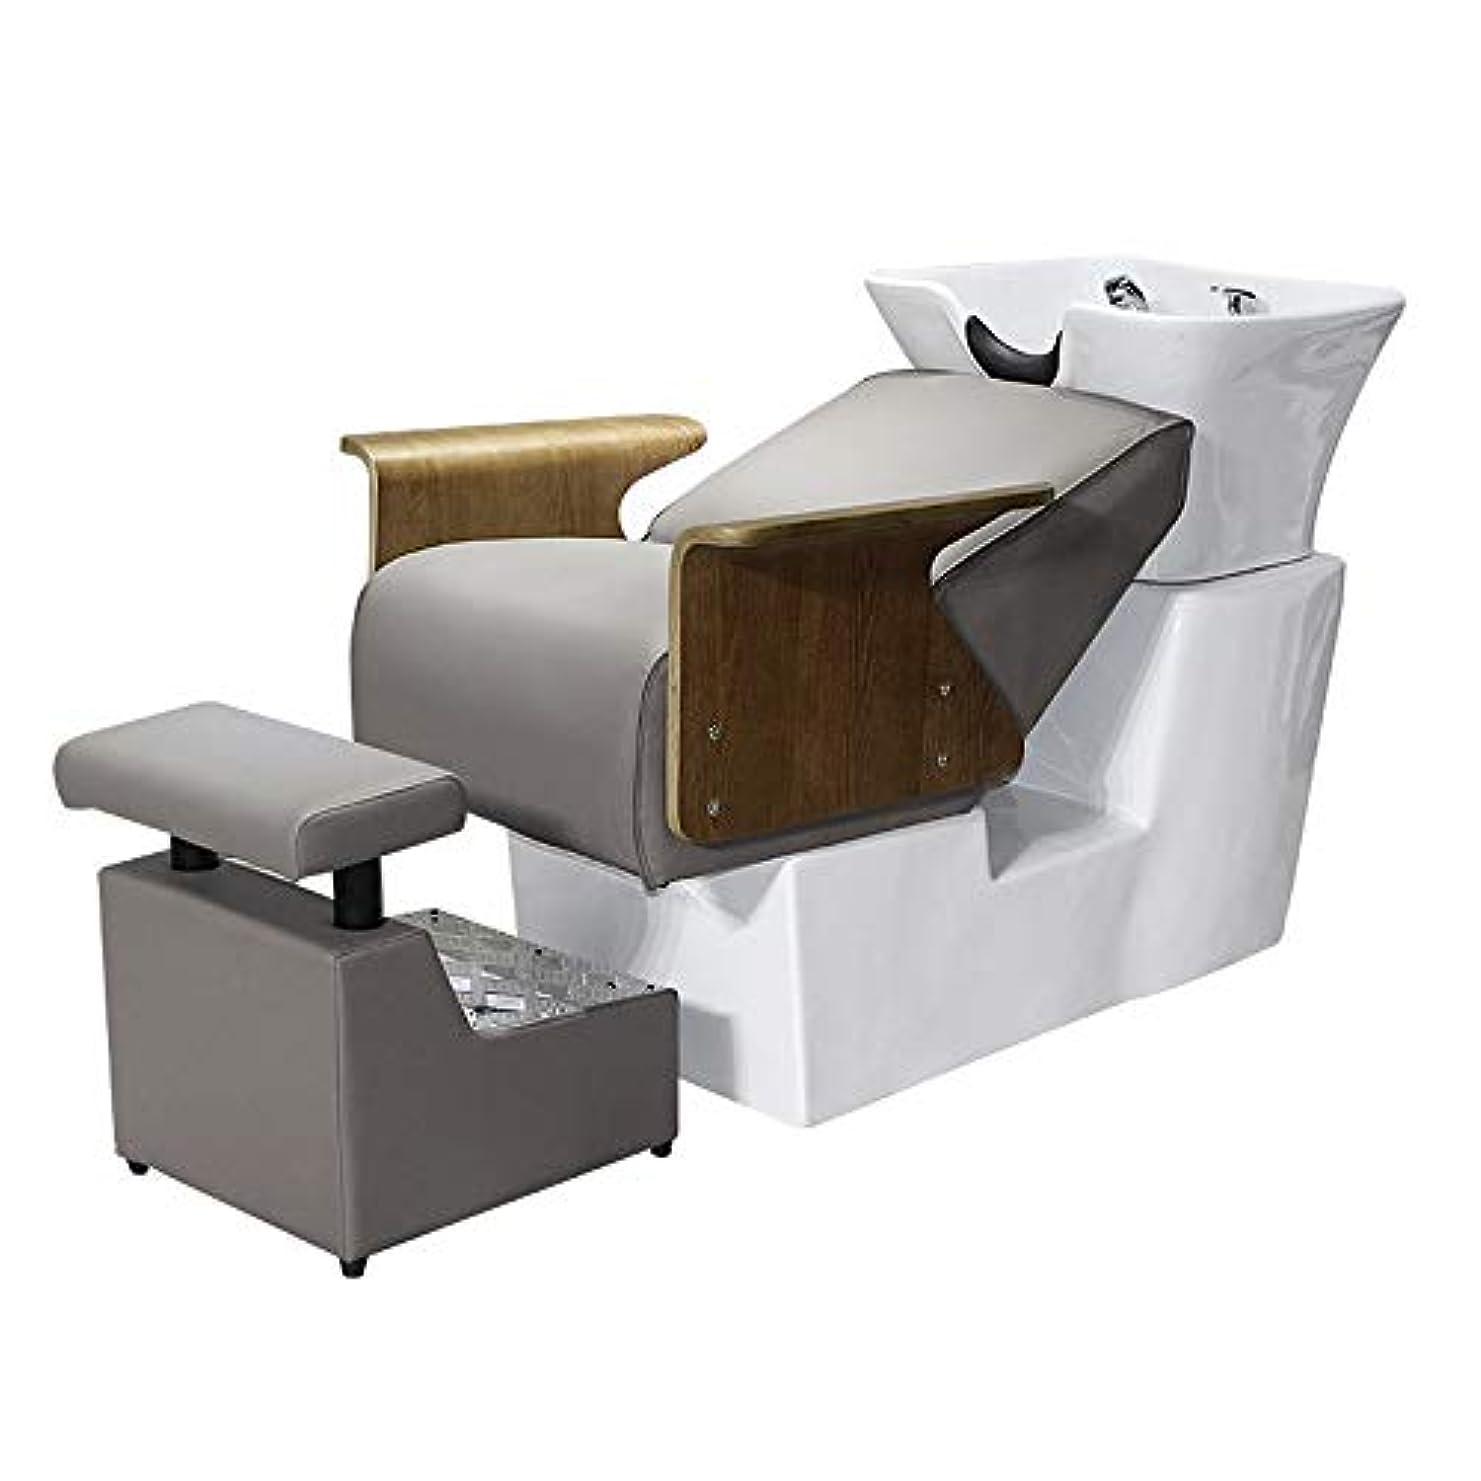 君主制トランペット住人シャンプーの椅子、陶磁器の洗面器のシャンプーのベッドの逆洗の単位の鉱泉の美容院装置のためのシャンプーボールの理髪の流しの椅子